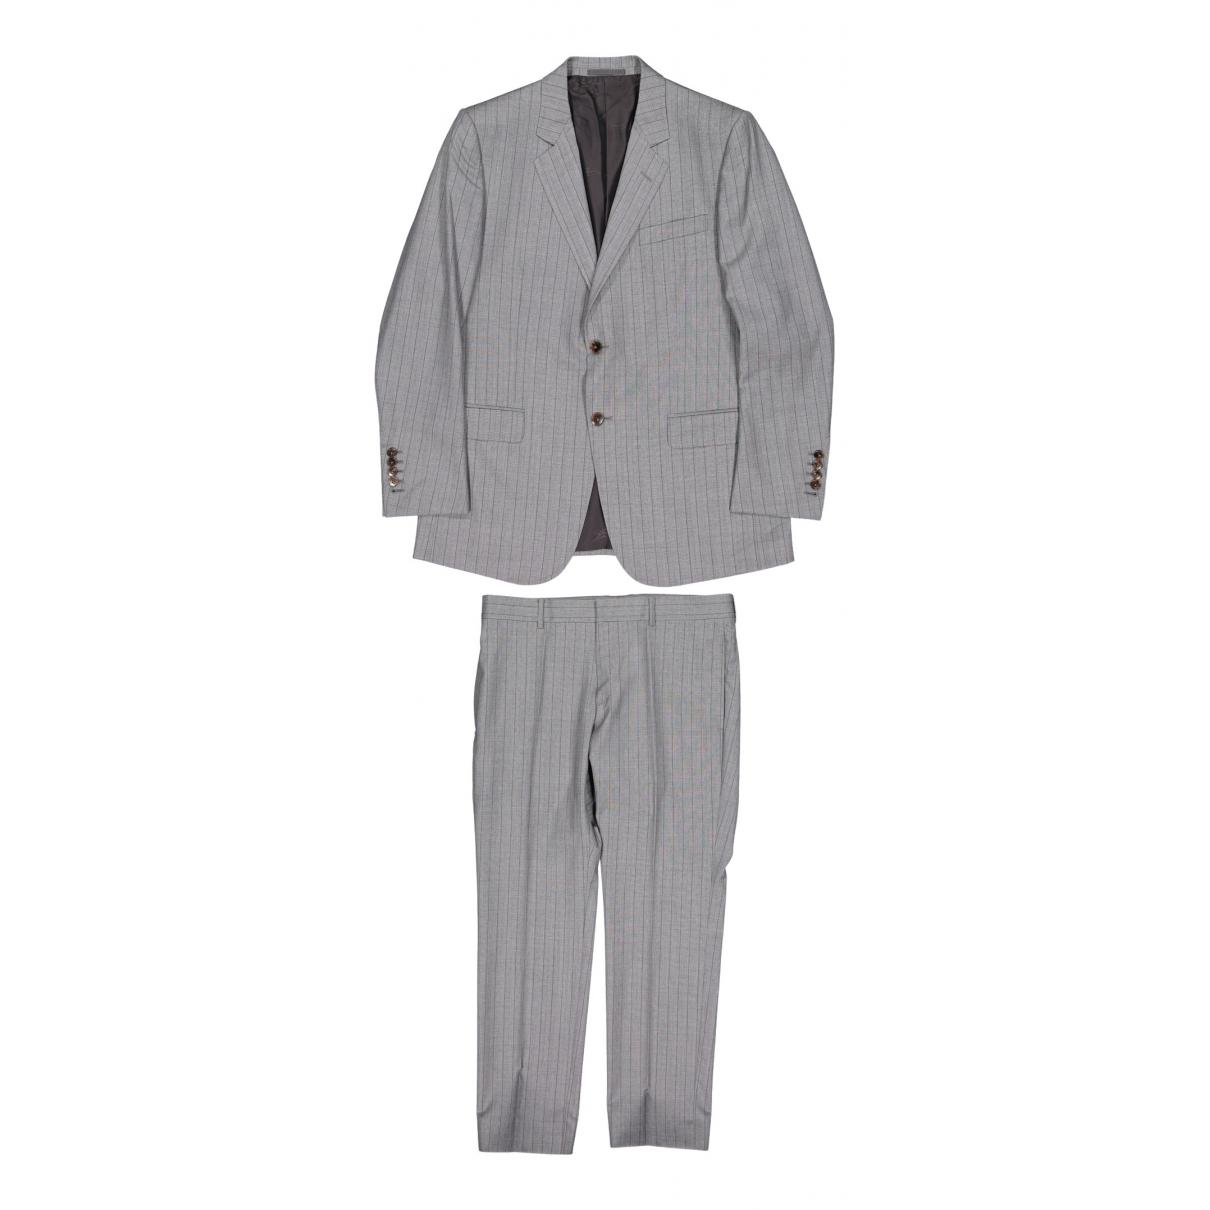 Gucci \N Anzuege in  Grau Wolle